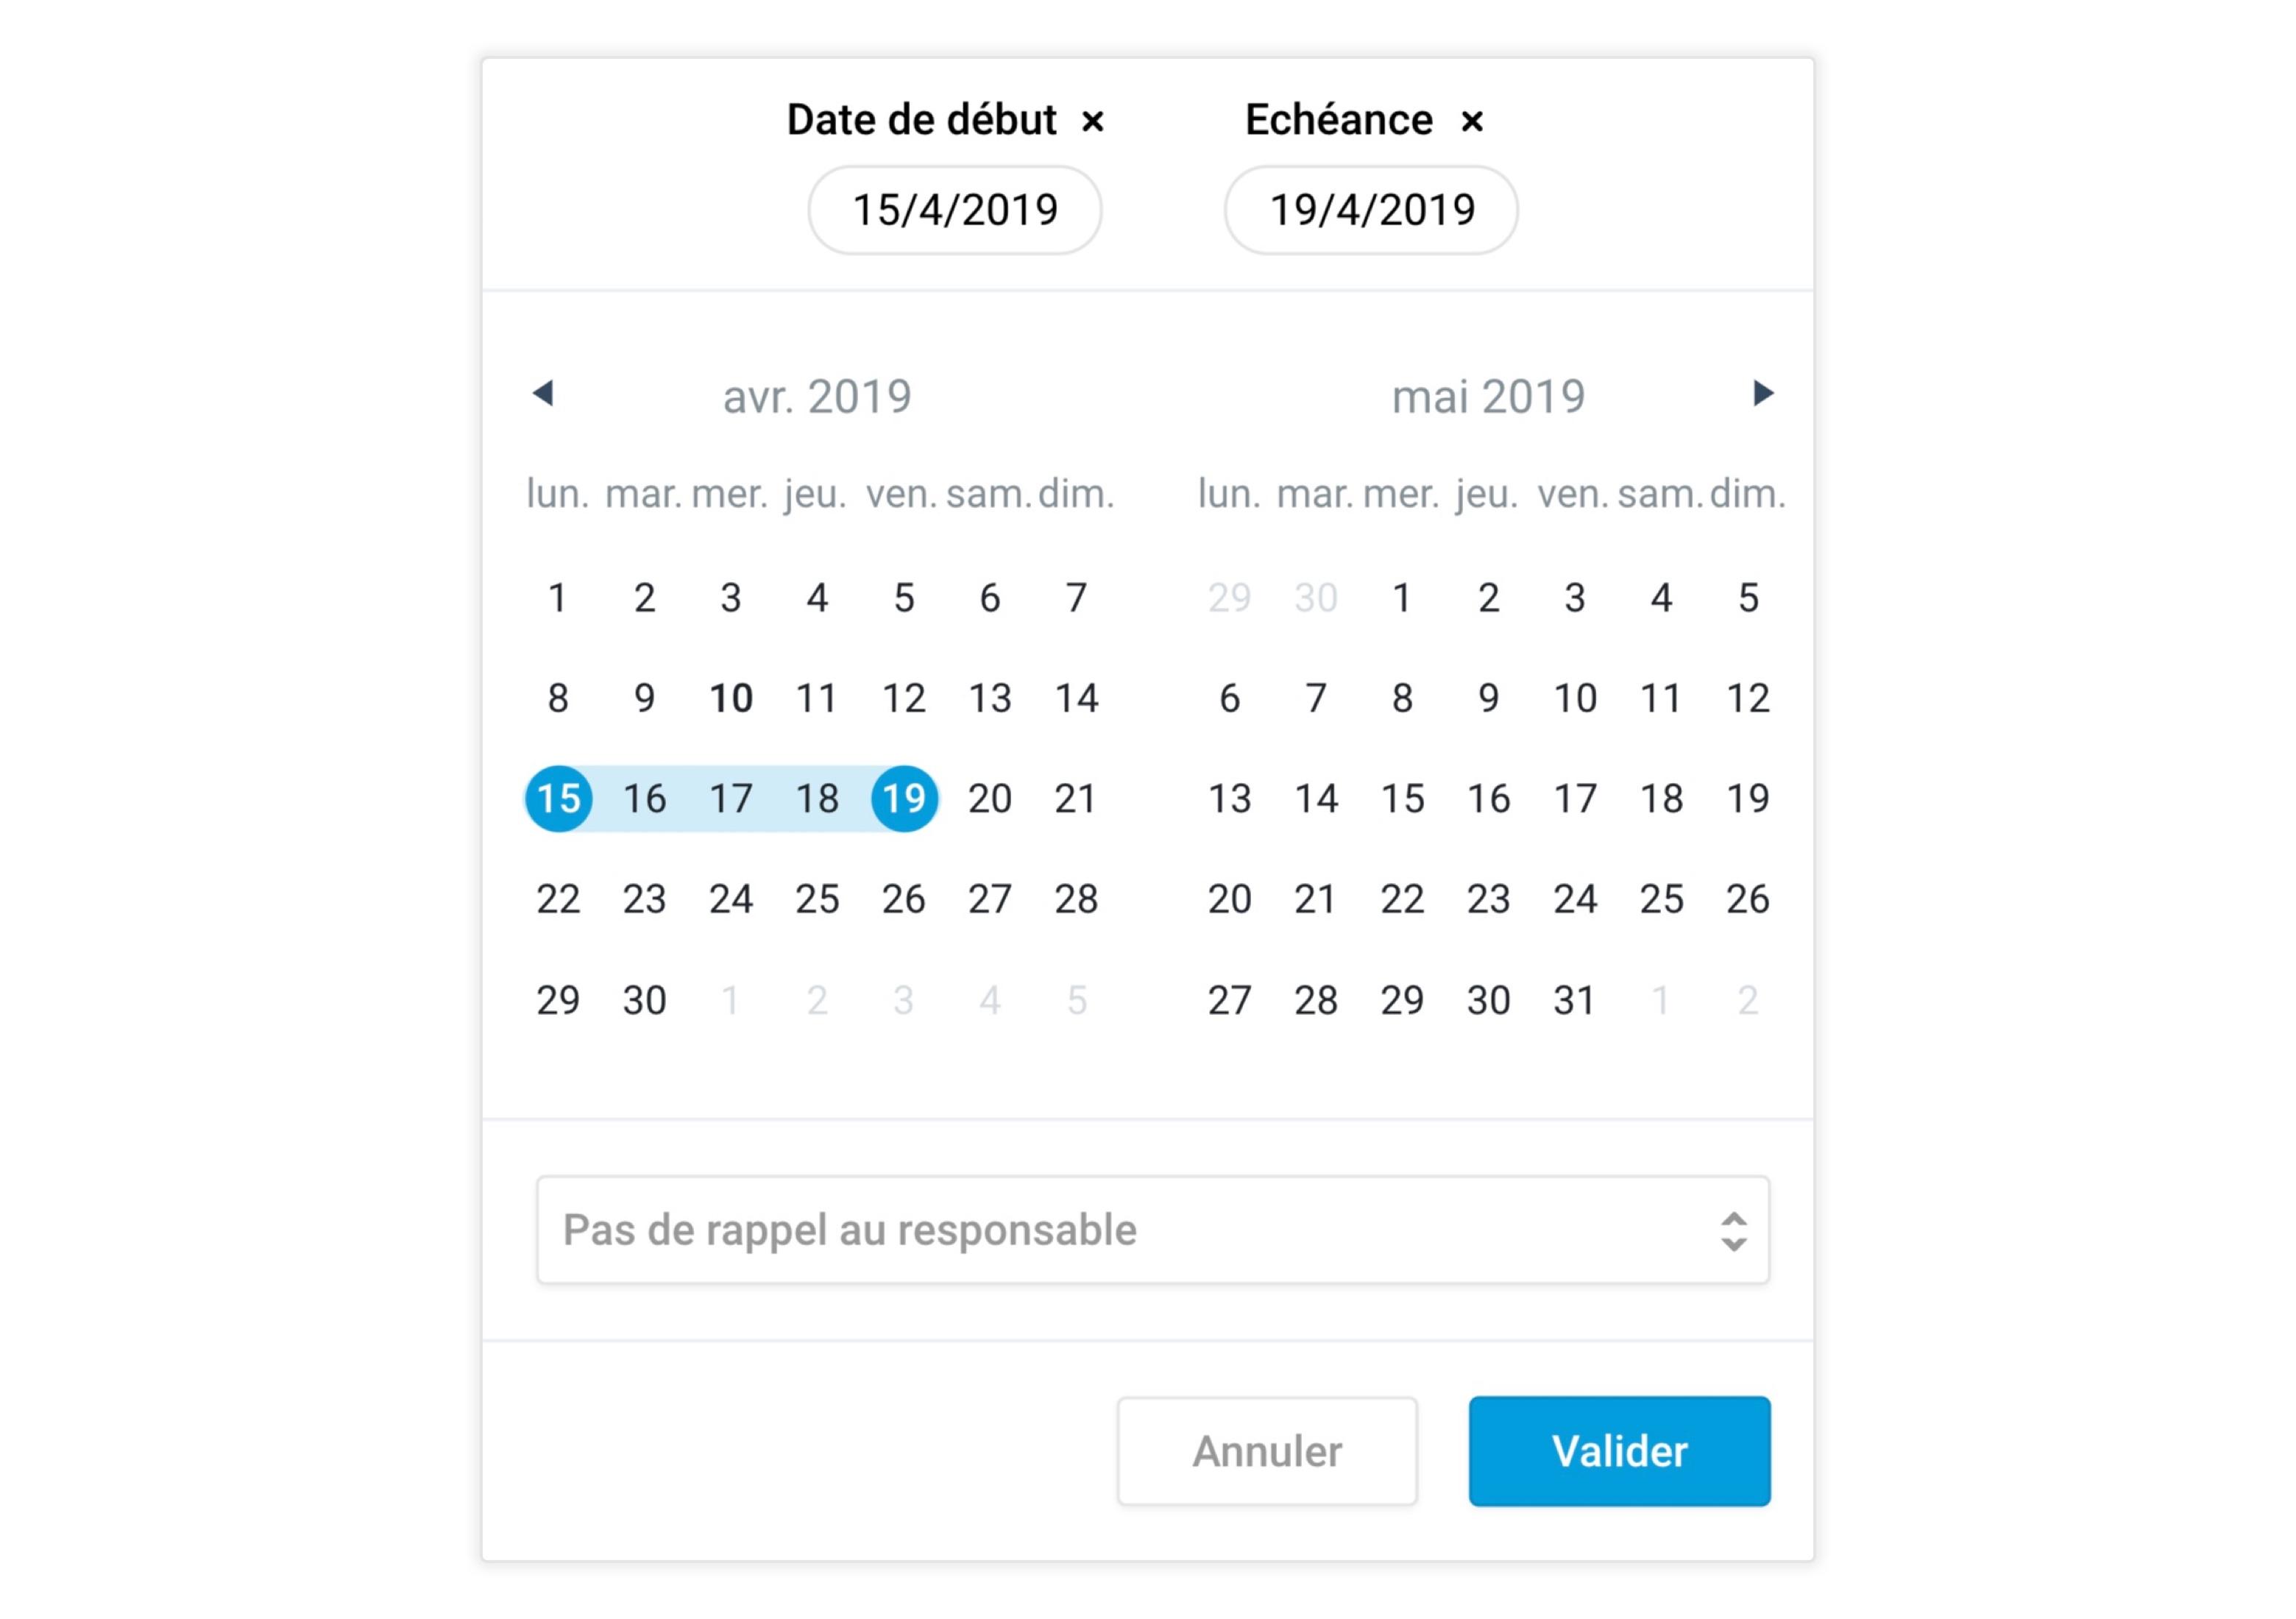 Le nouveau calendrier de sélection de dates